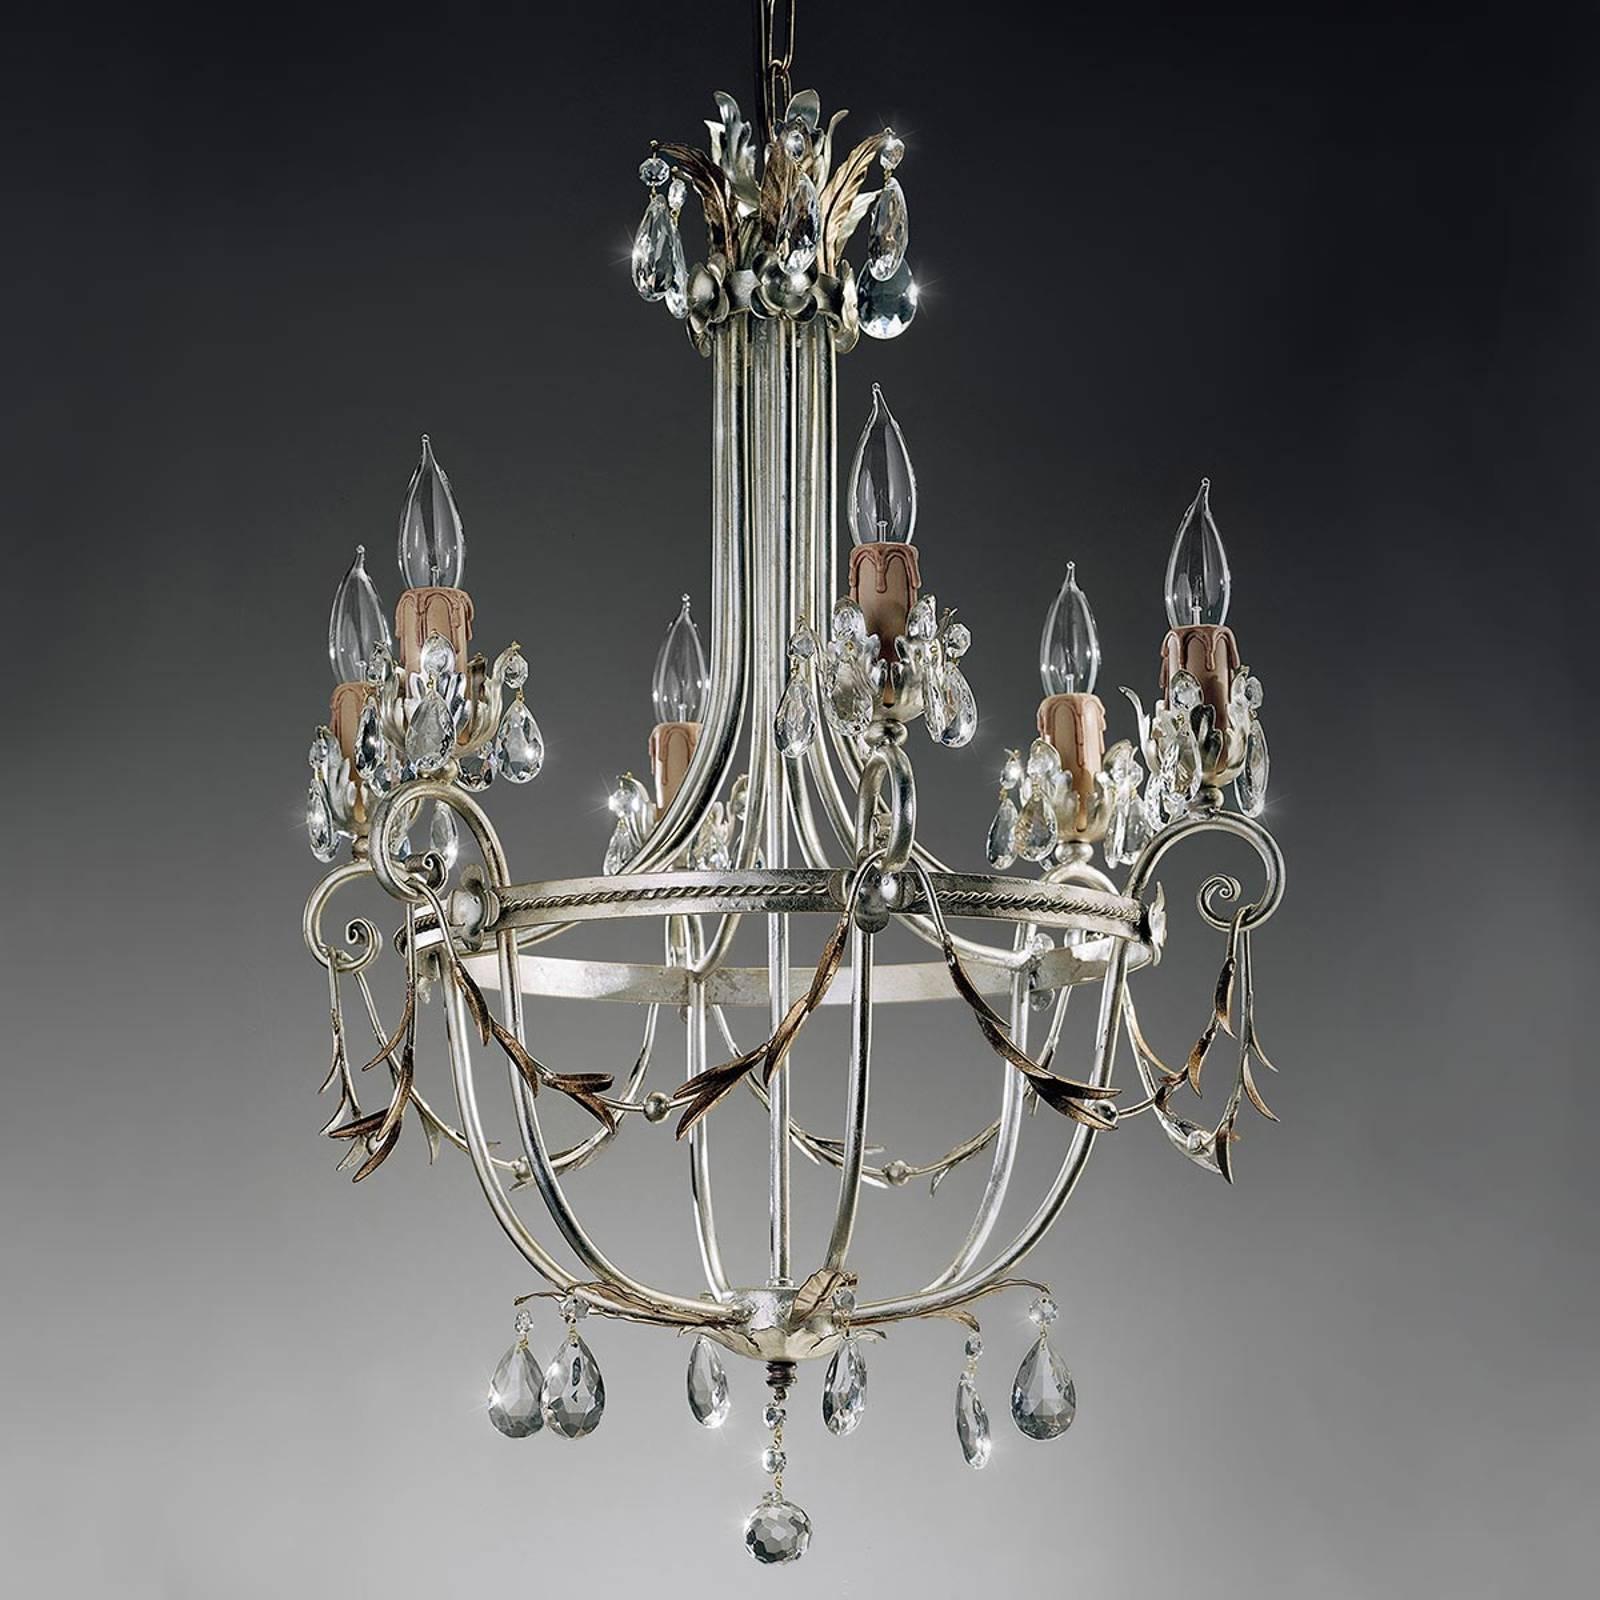 Firenzeläistyylinen kattokruunu Mecca 6-lamppuinen